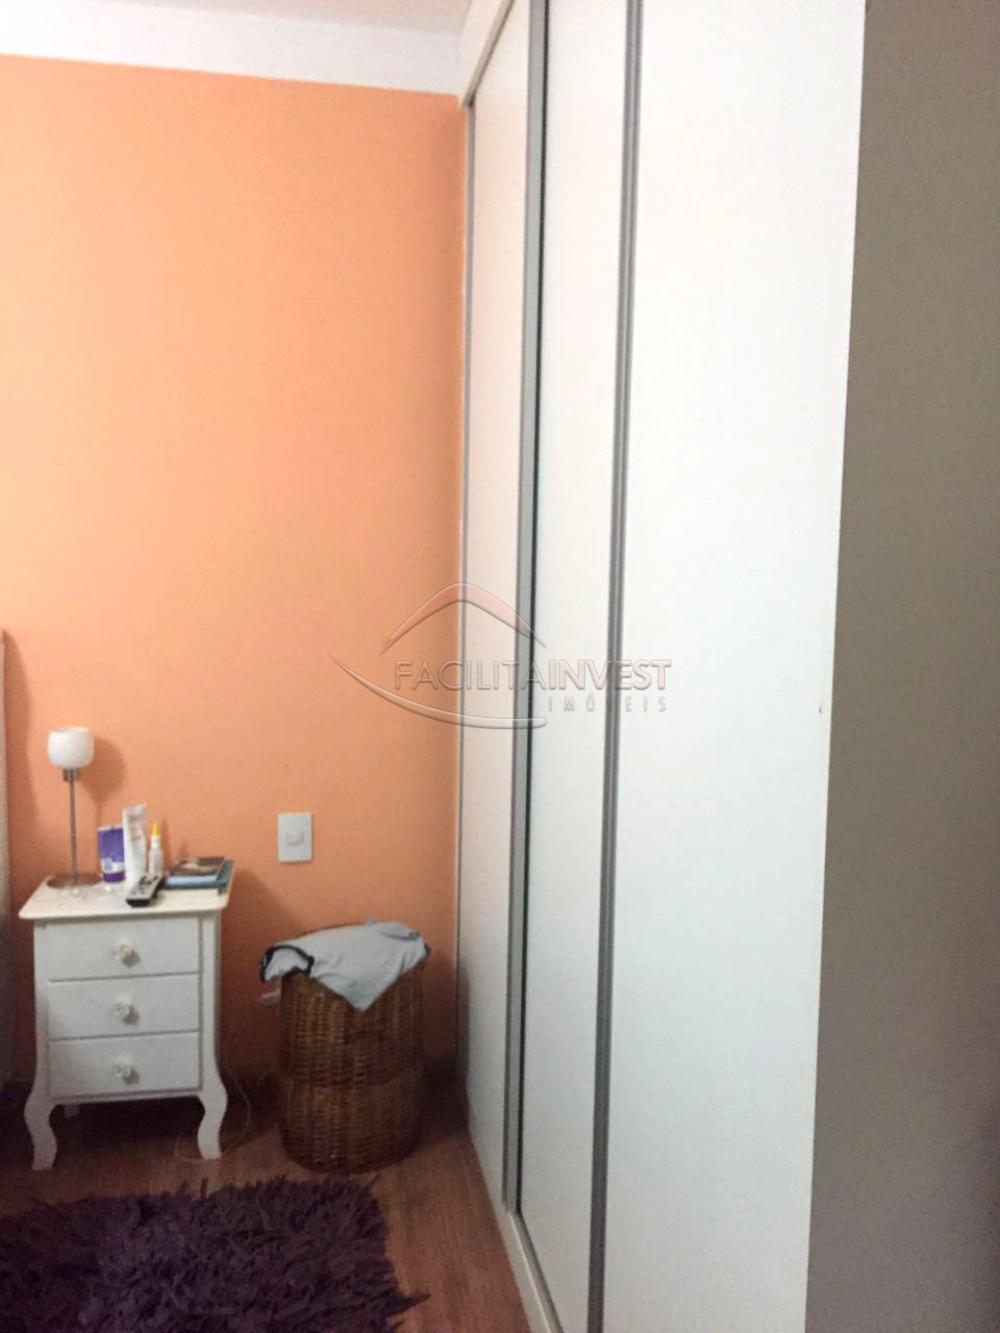 Comprar Apartamentos / Apart. Padrão em Ribeirão Preto apenas R$ 415.000,00 - Foto 12